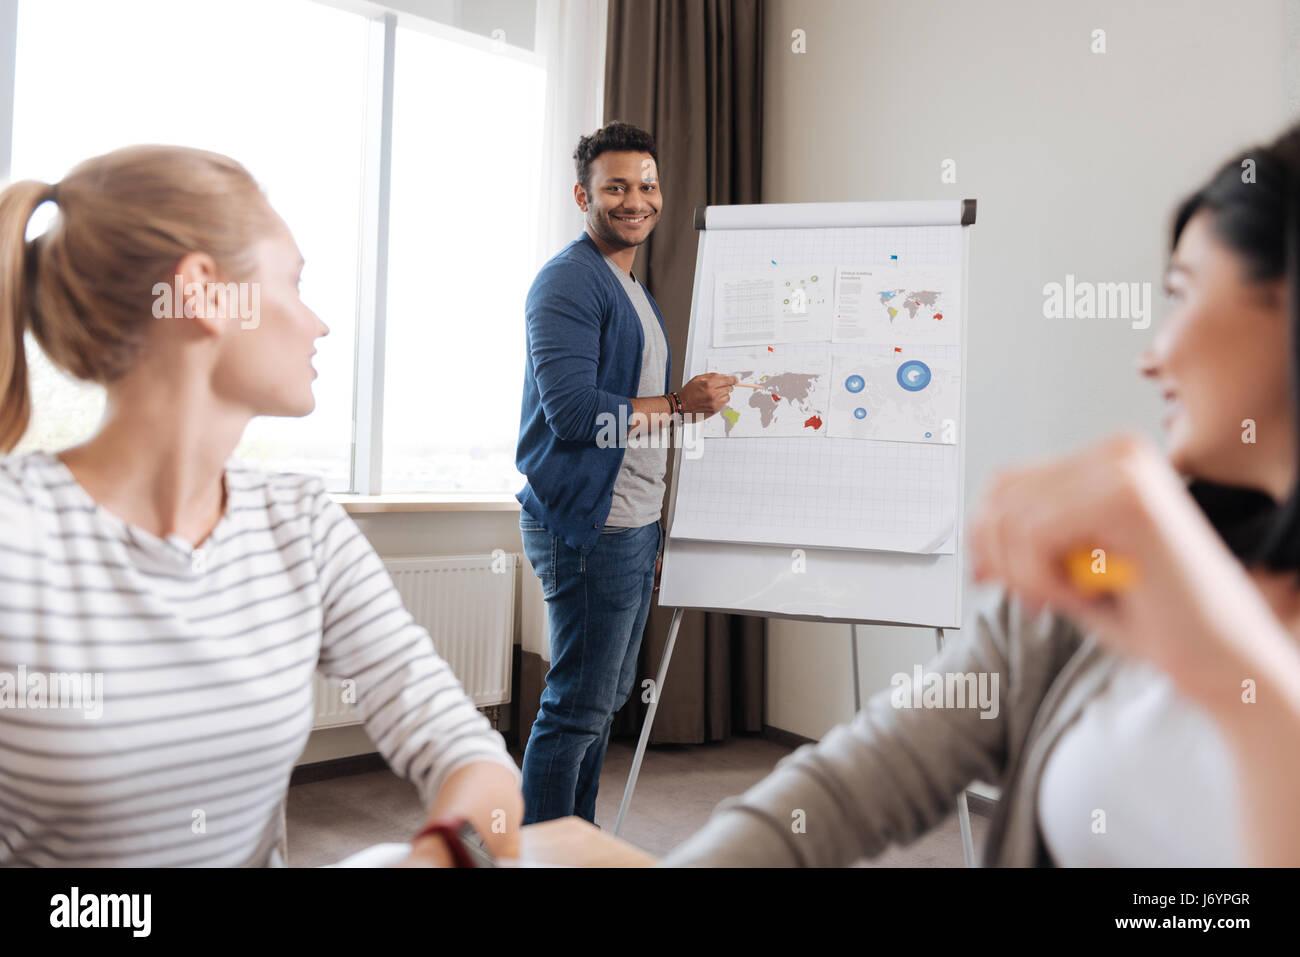 Encantado positivo hombre mirando sus colegas Imagen De Stock